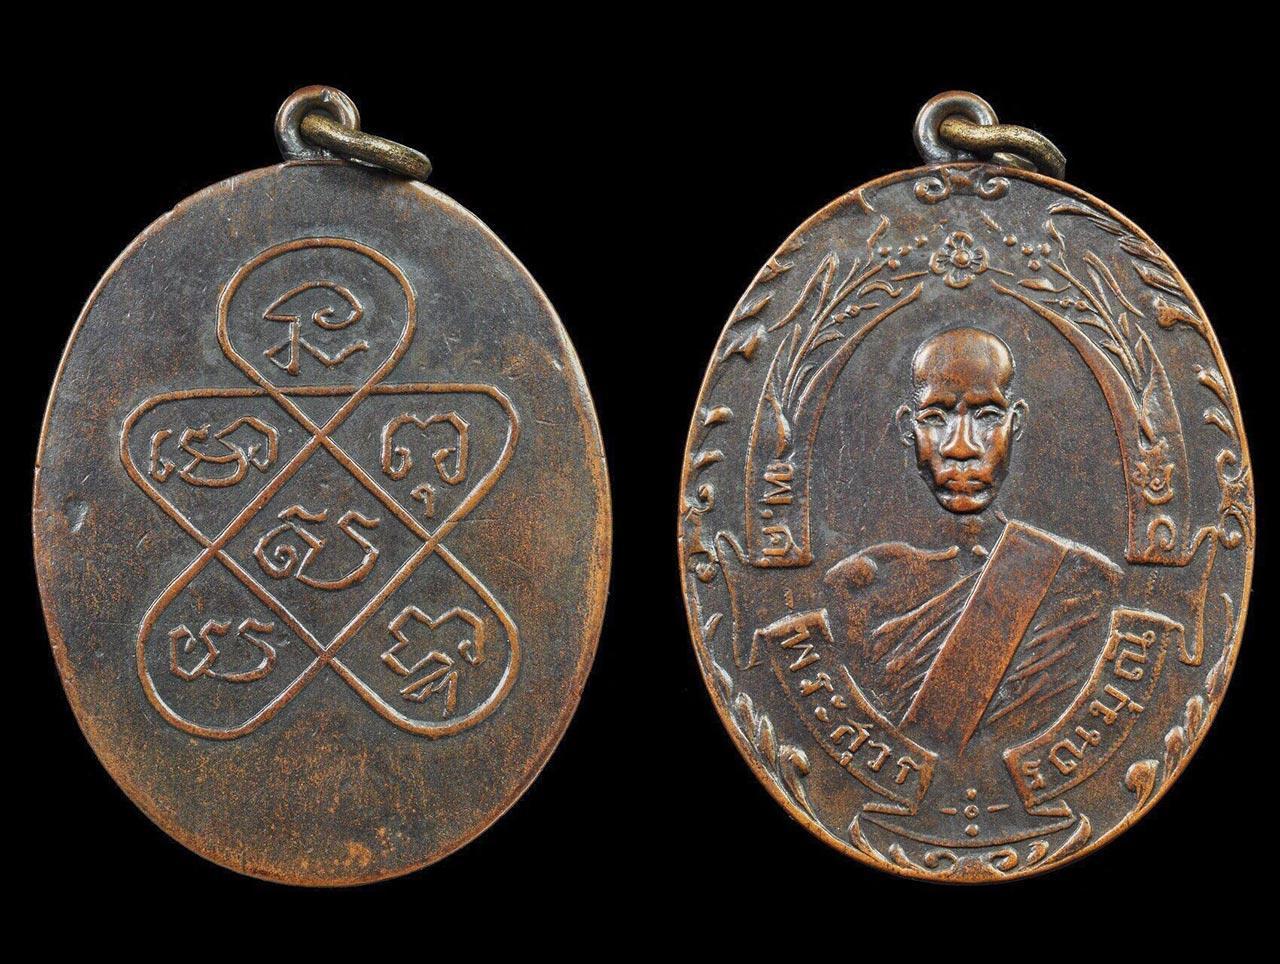 2. เหรียญหลวงพ่อฉุย รุ่นแรก ปี 2465 วัดคงคาราม จ.เพชรบุรี